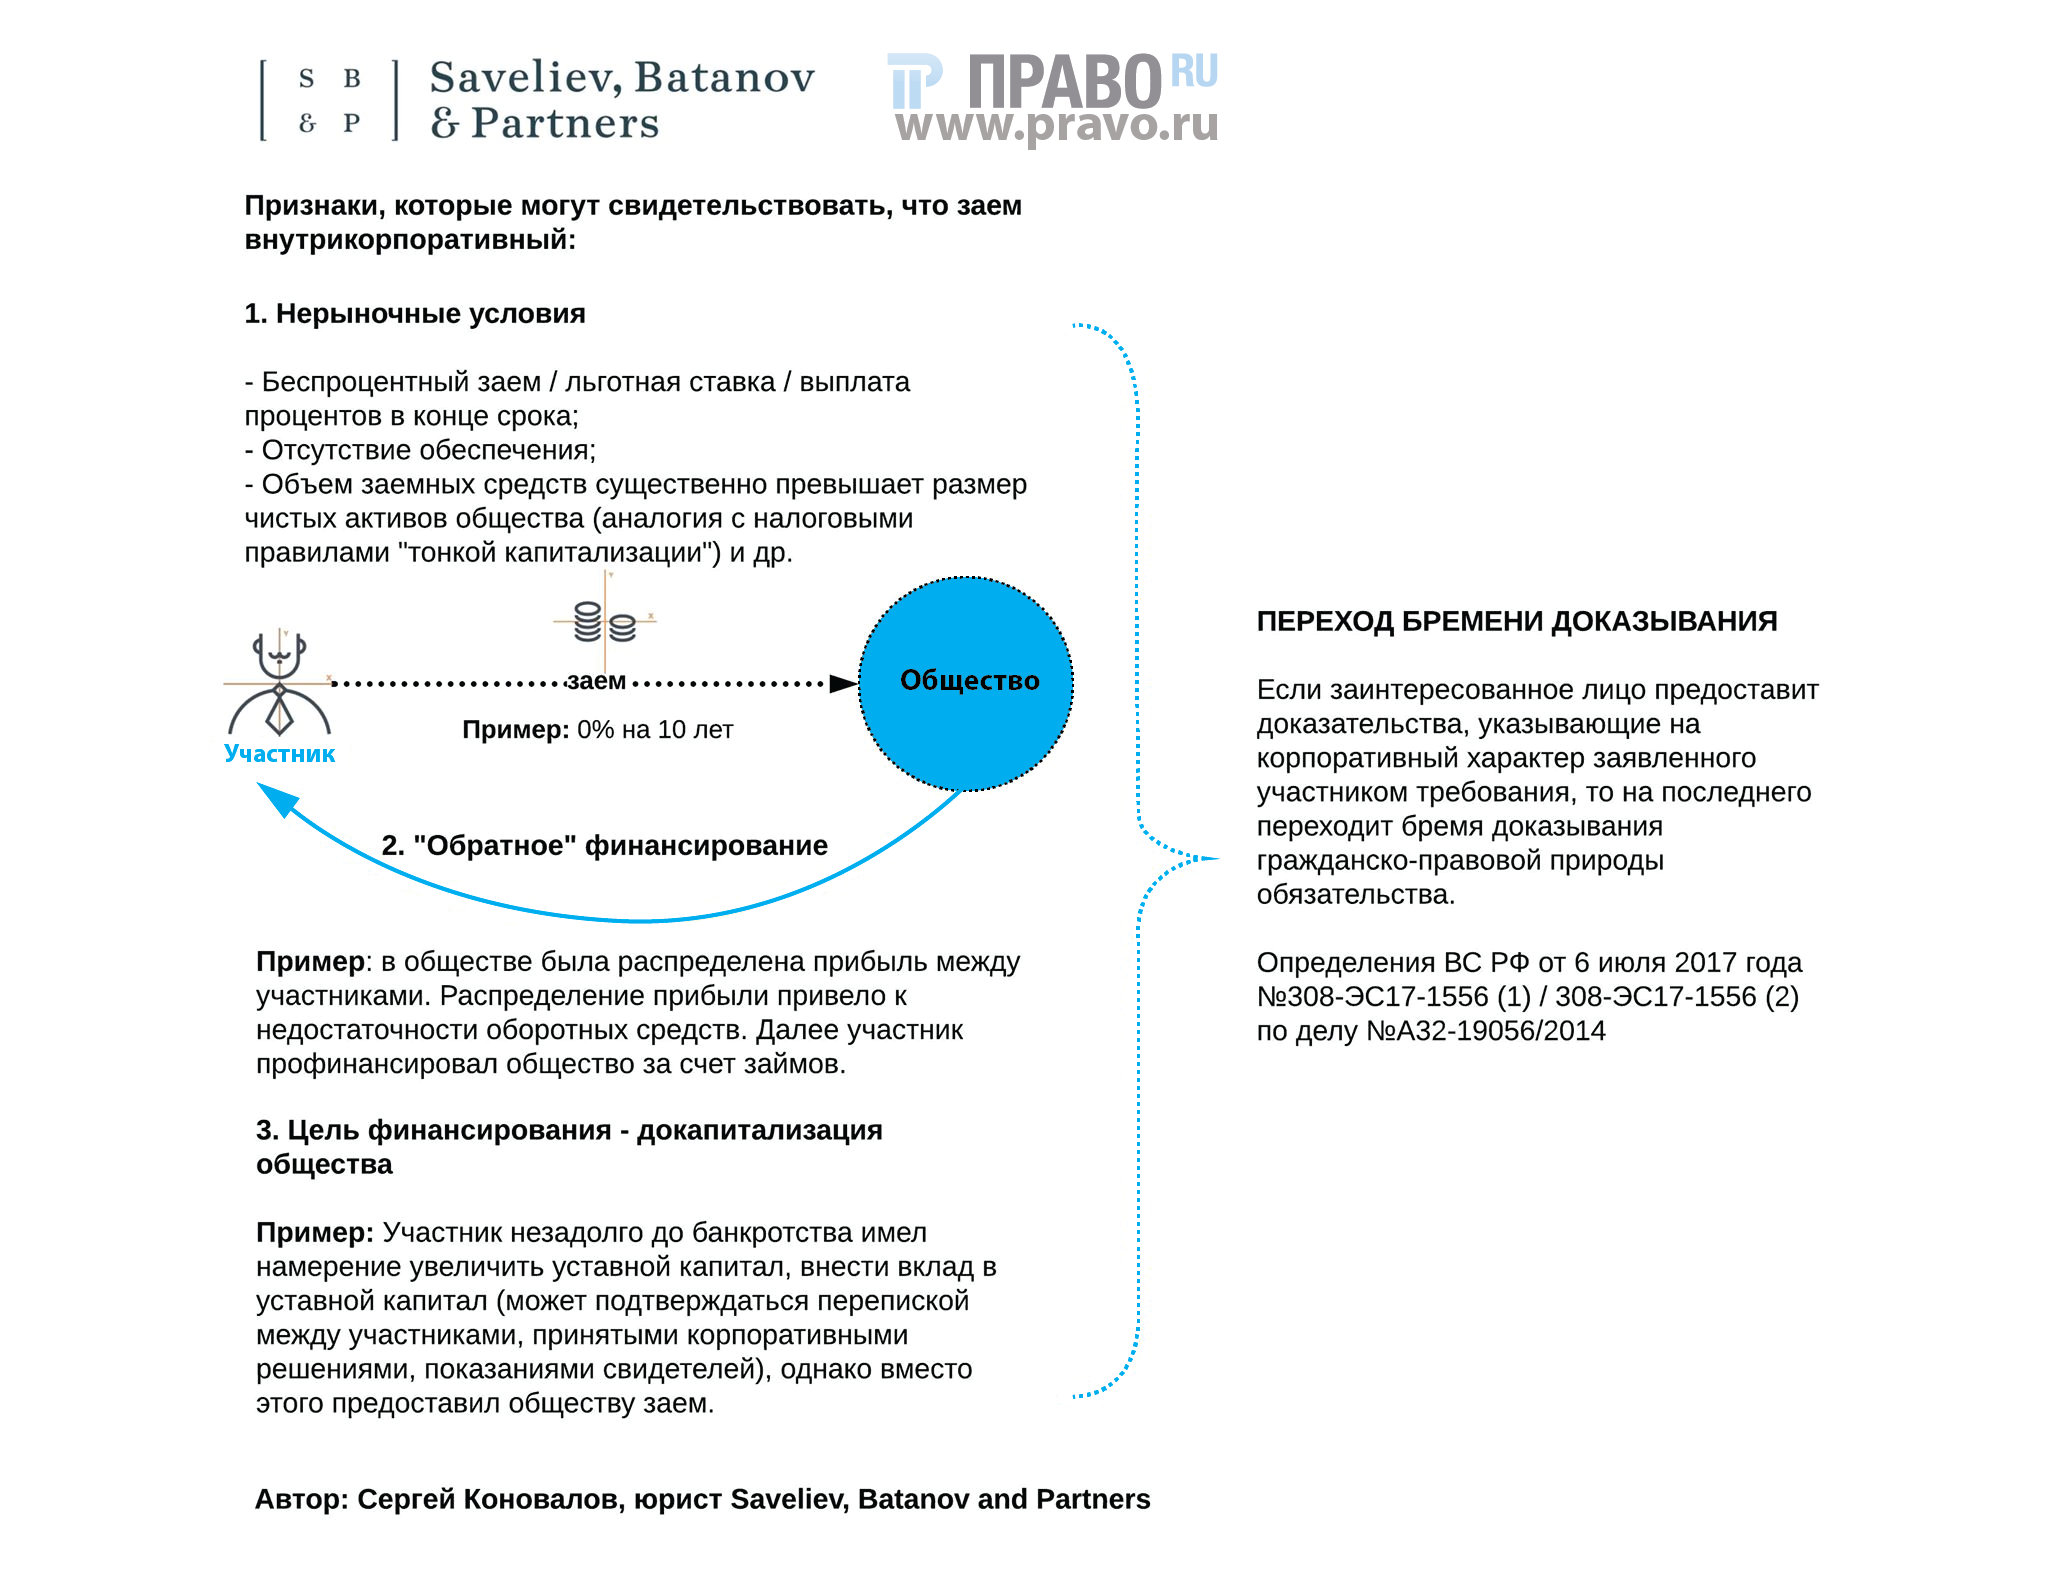 займ учредителя своей компании без процентов договор банк русский стандарт отзывы клиентов по кредитам